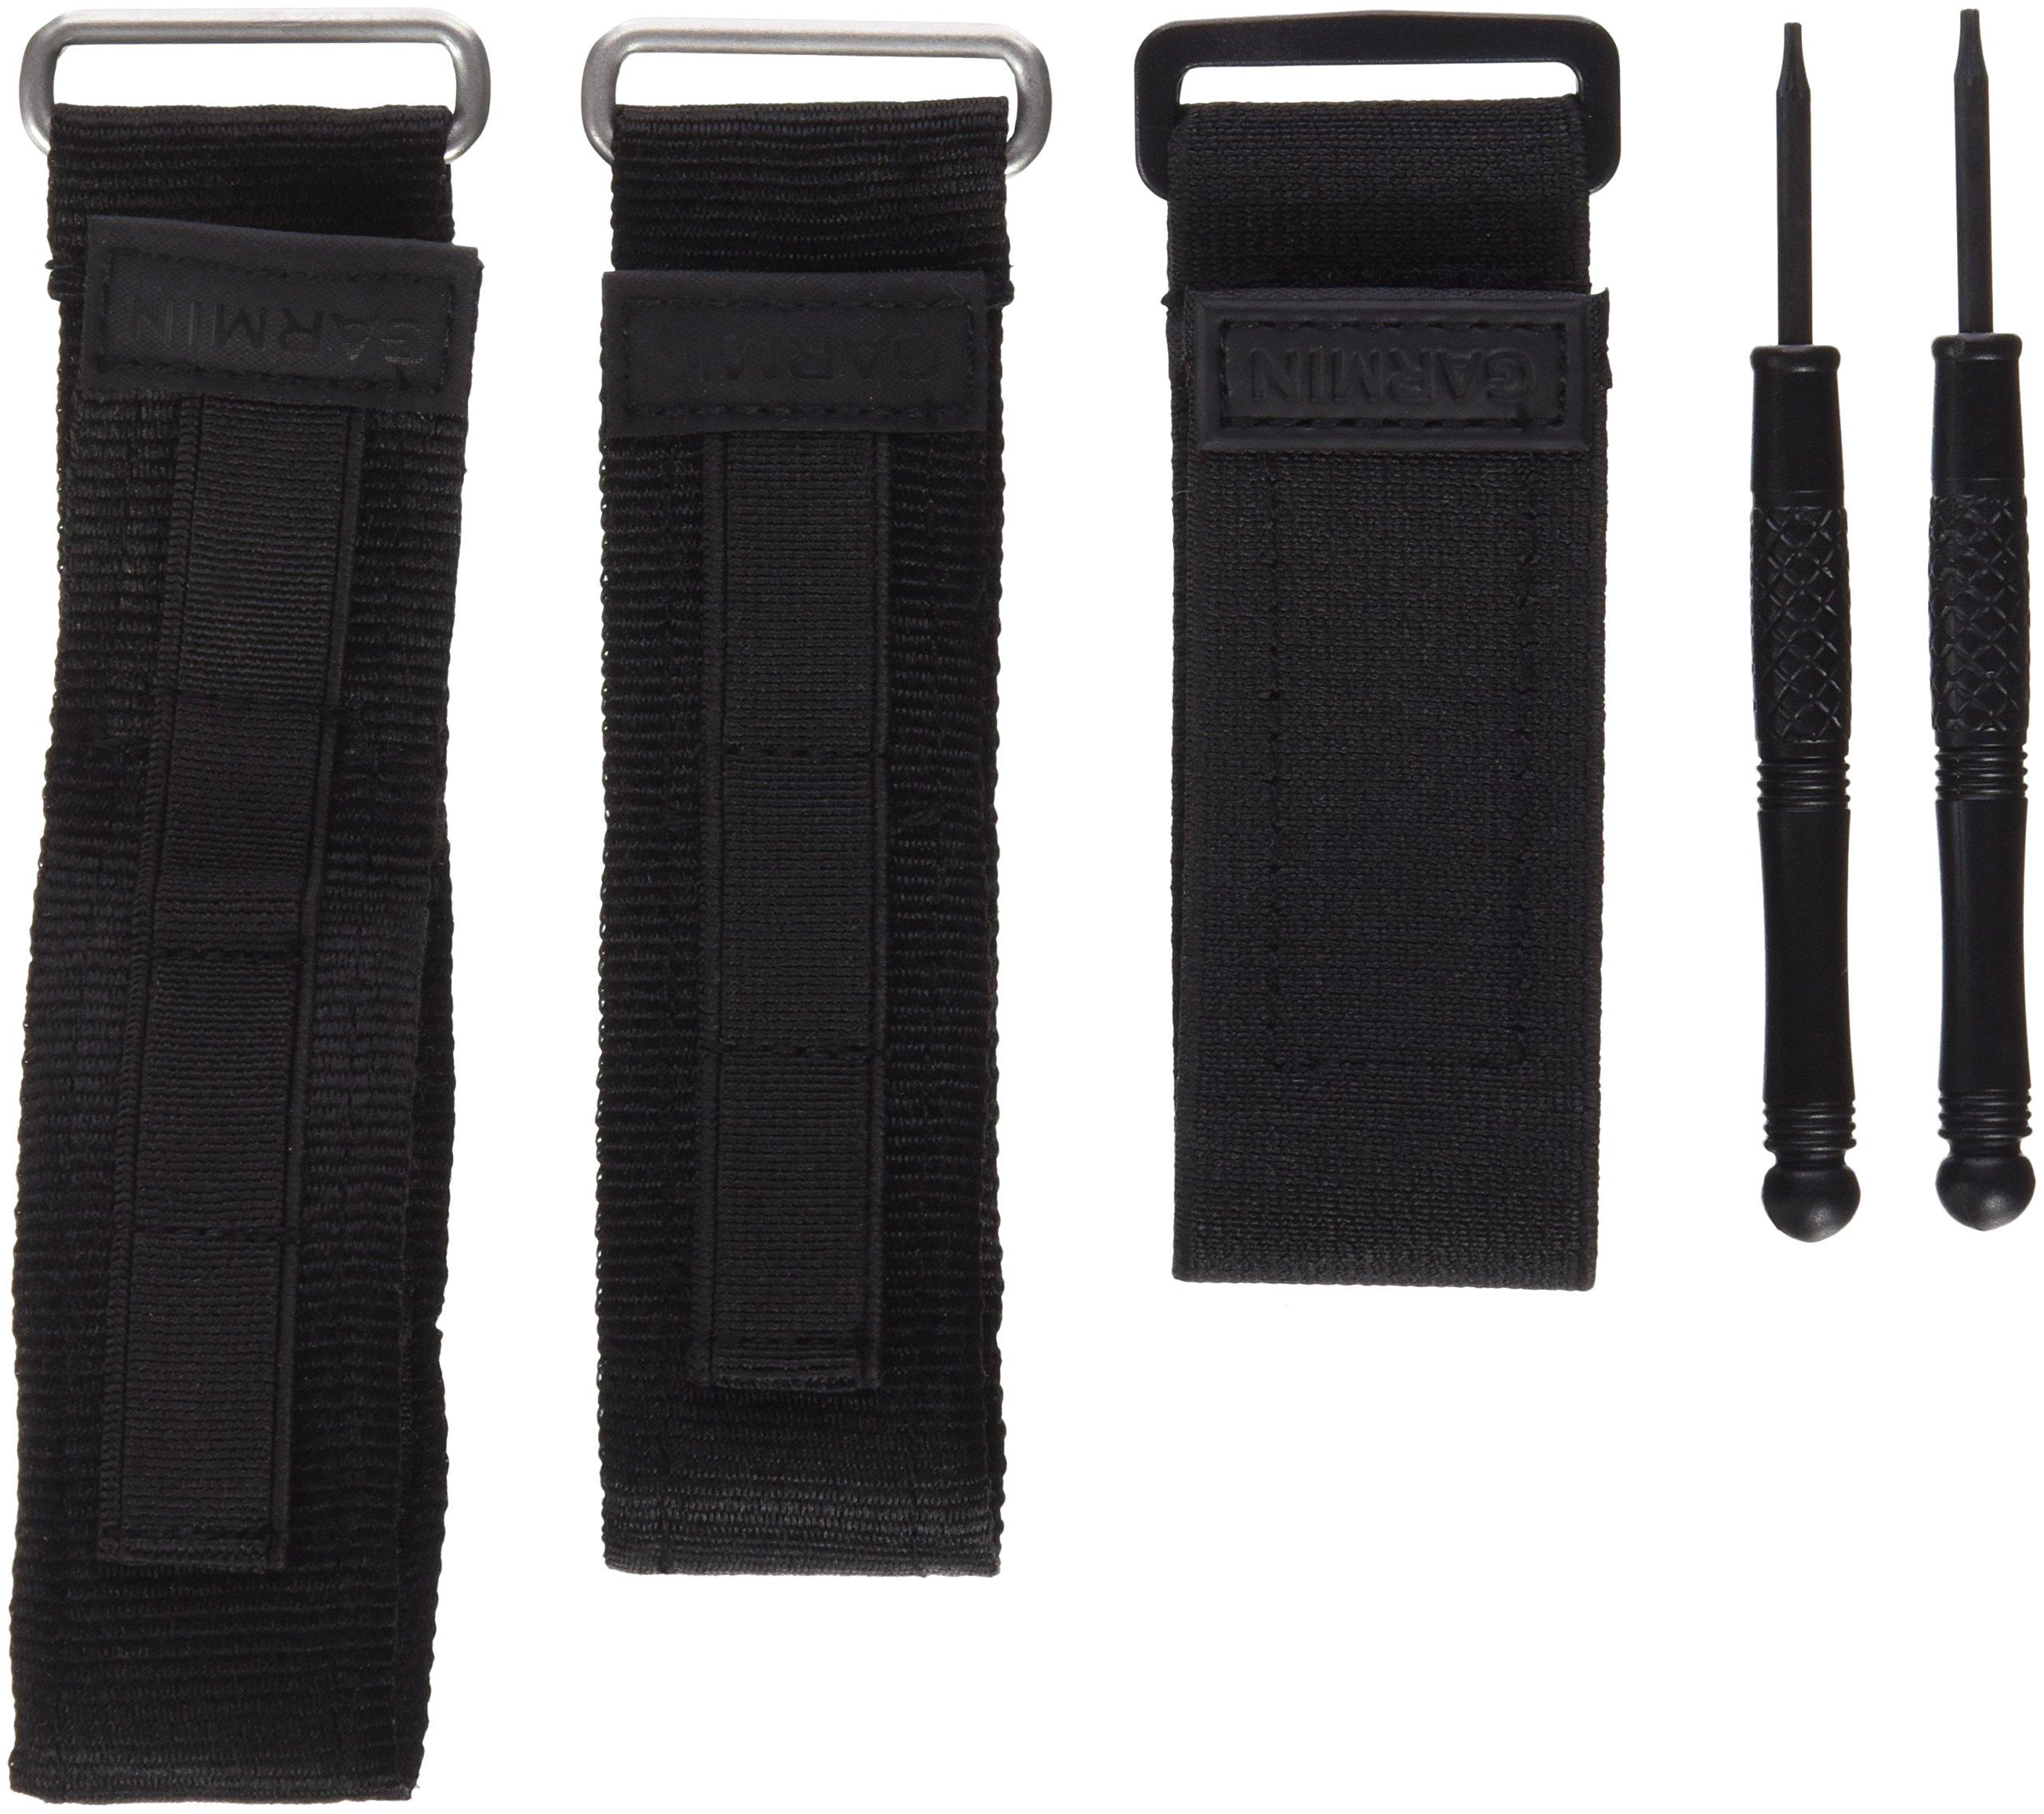 Garmin Forerunner 920XT Regular and Long Fabric Strap